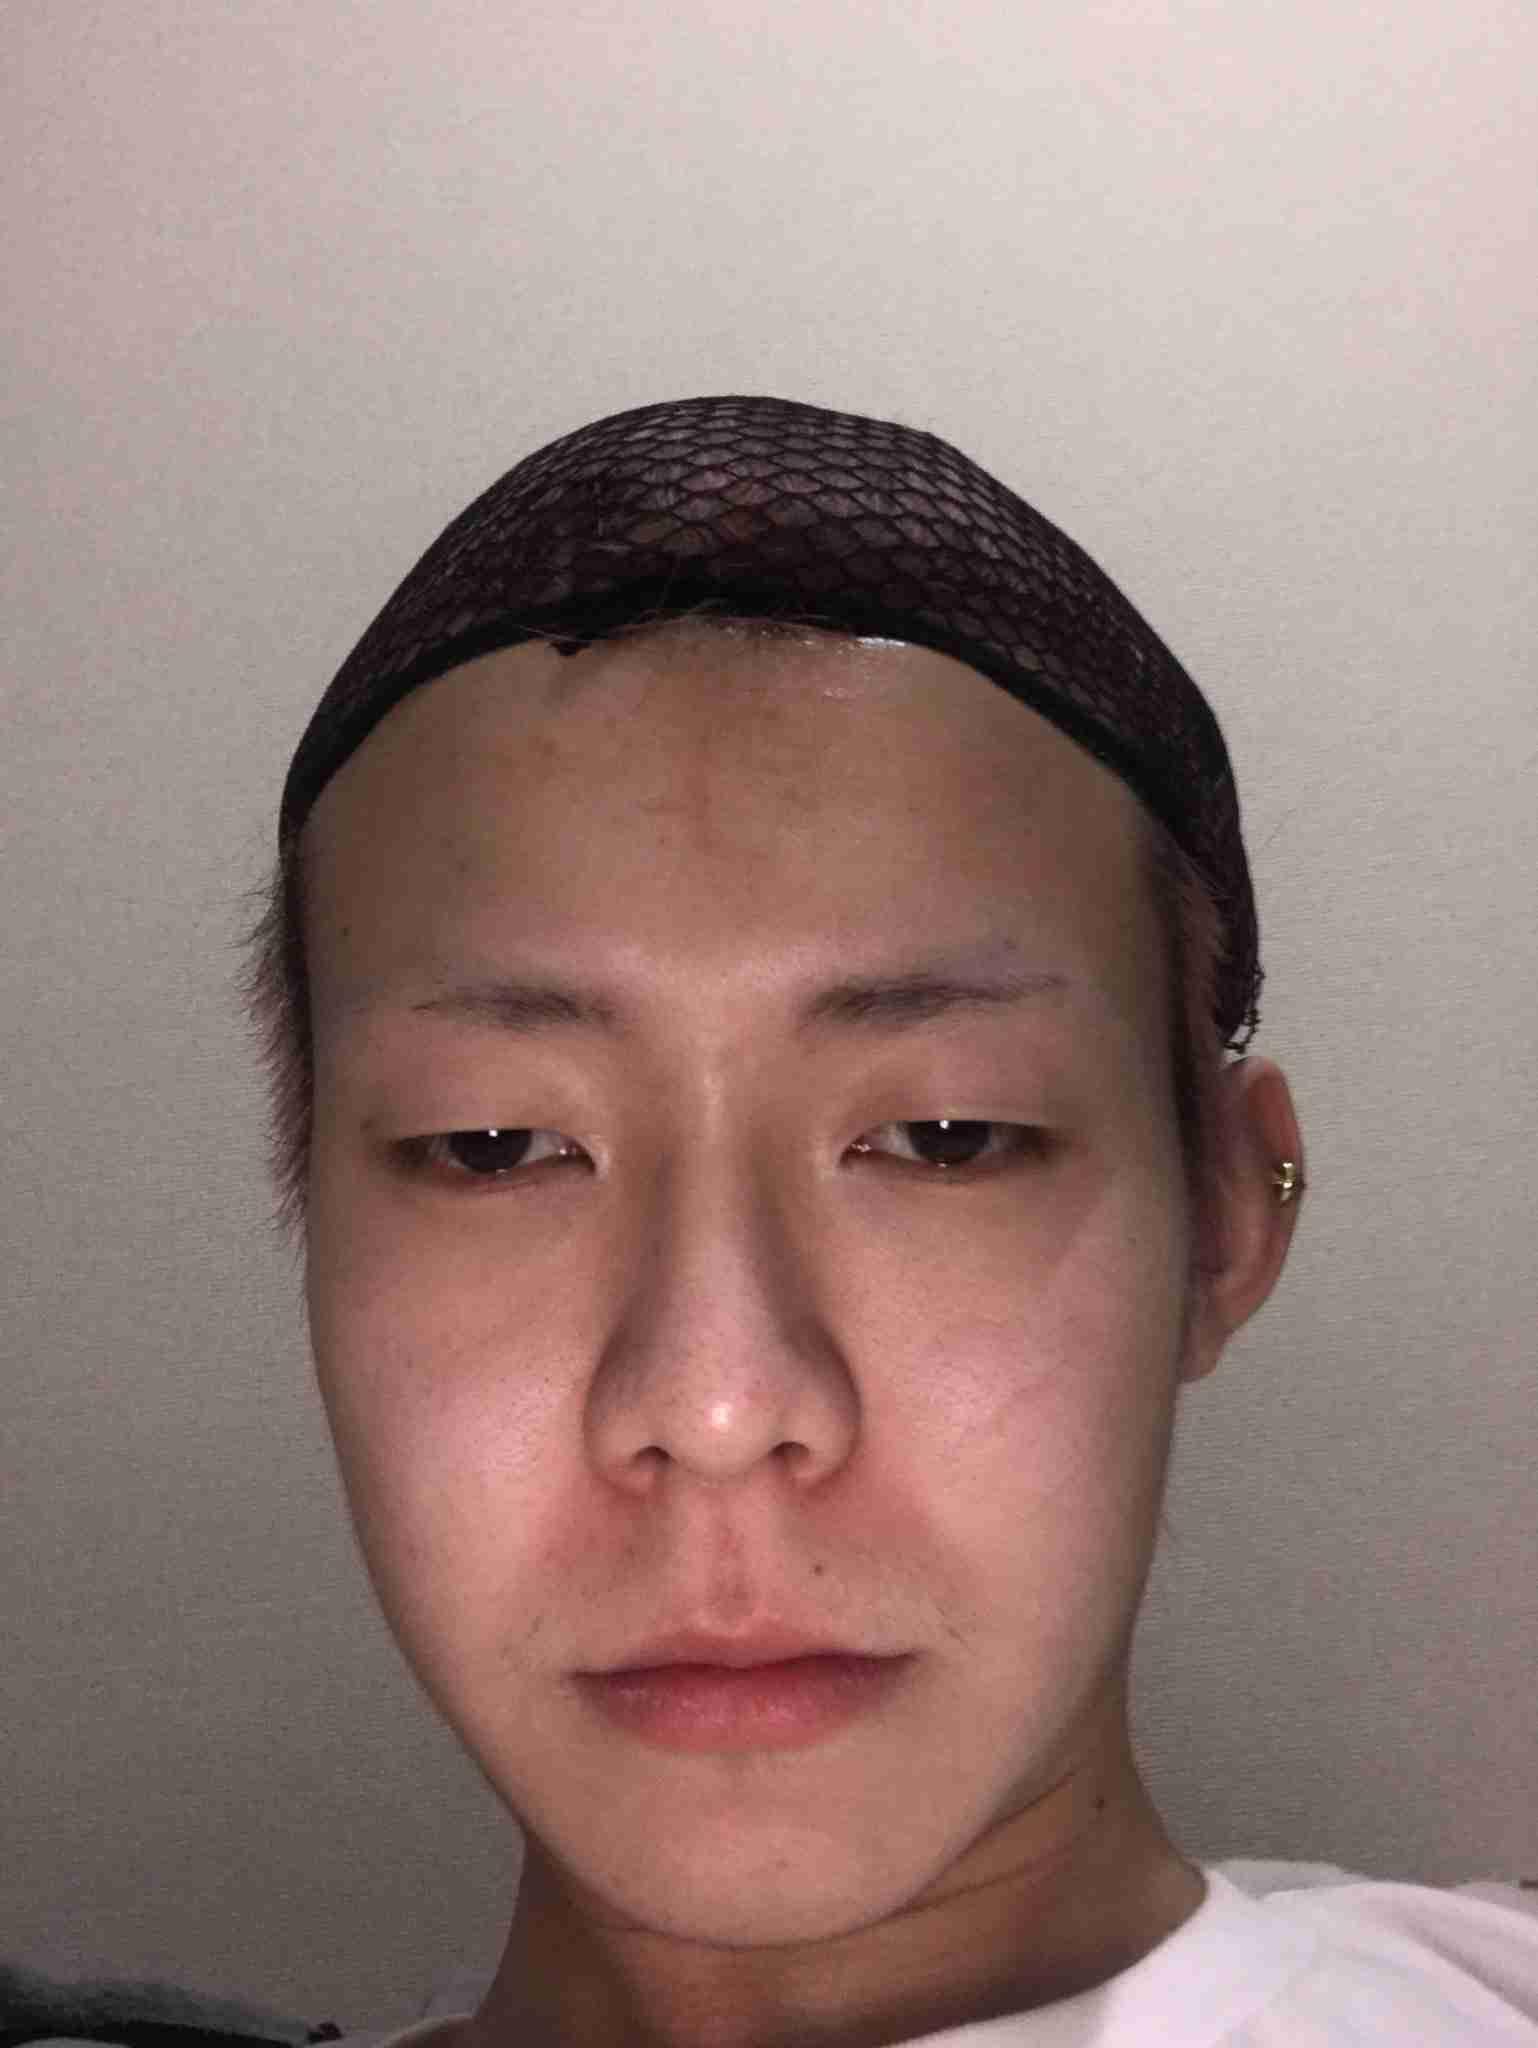 【化粧】男性の美容はどこまでOKですか?